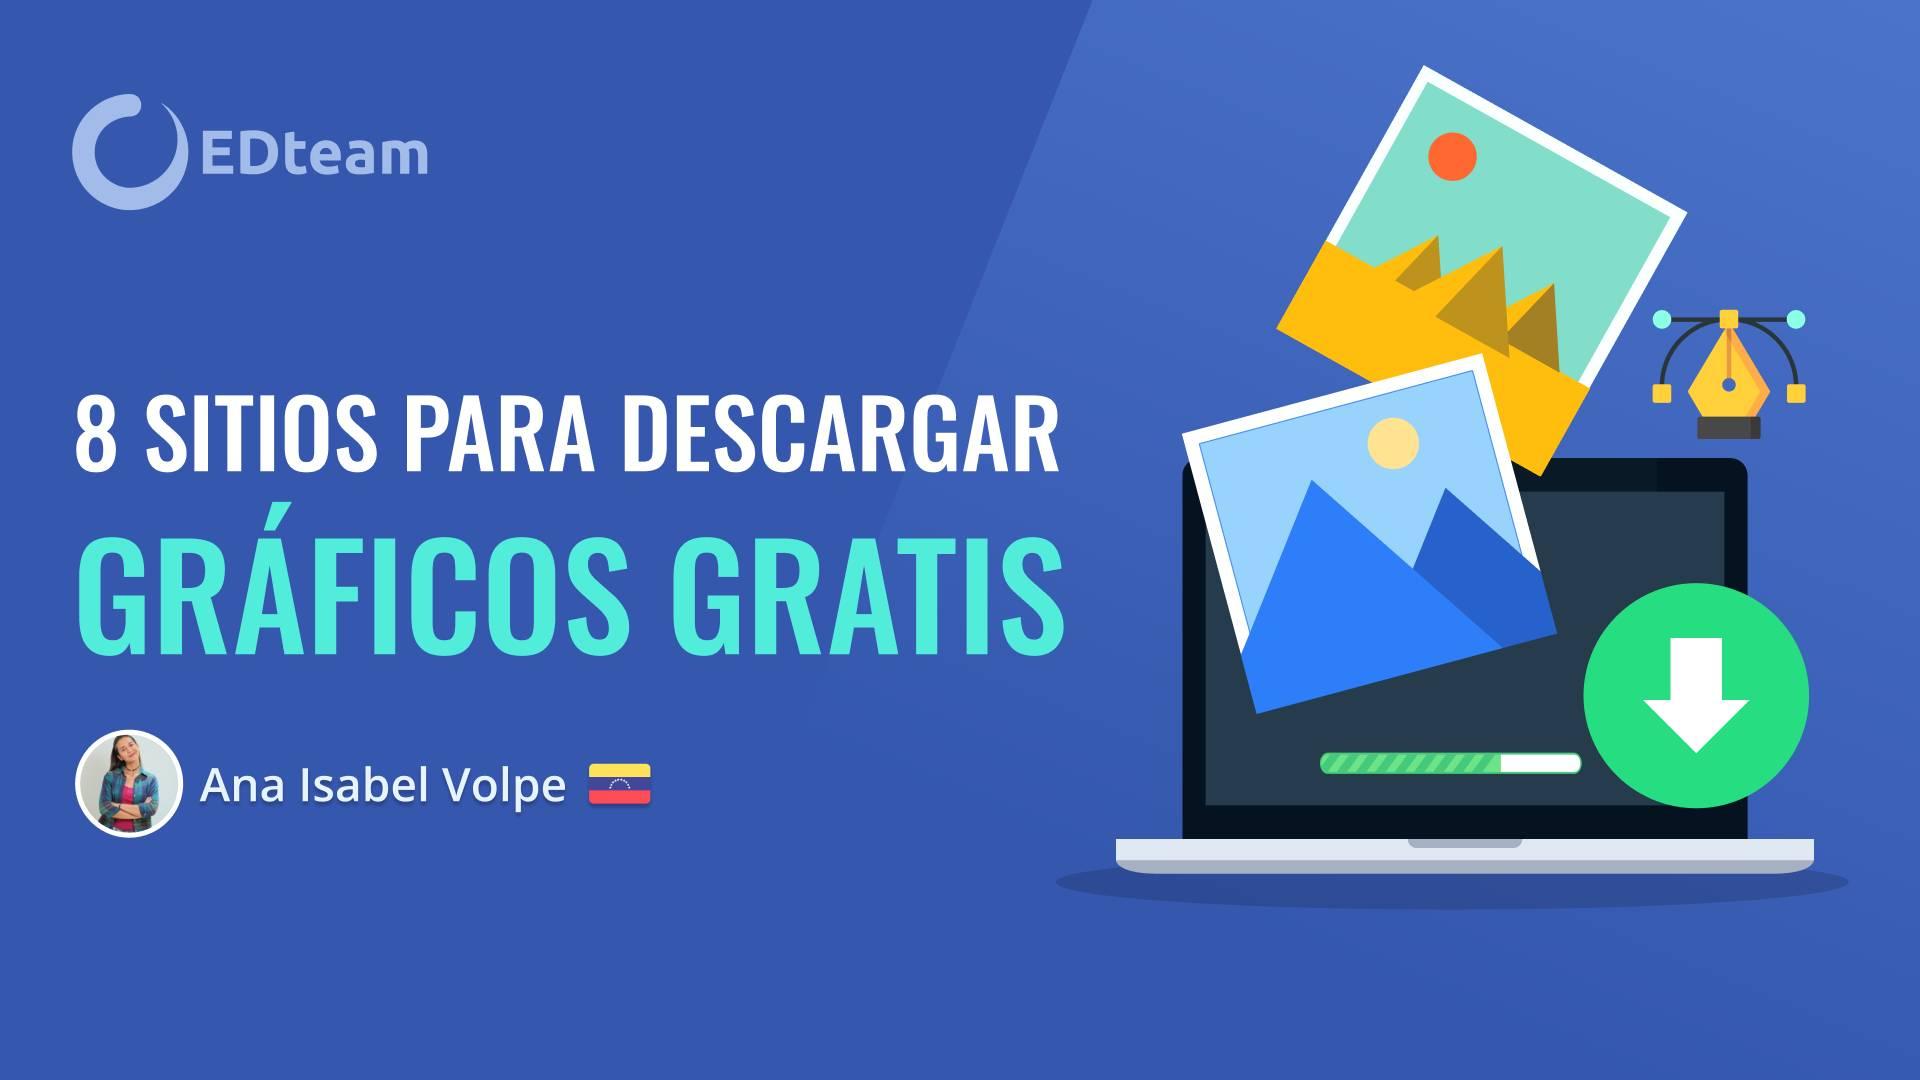 8 sitios web para descargar gráficos gratis (+bonus)